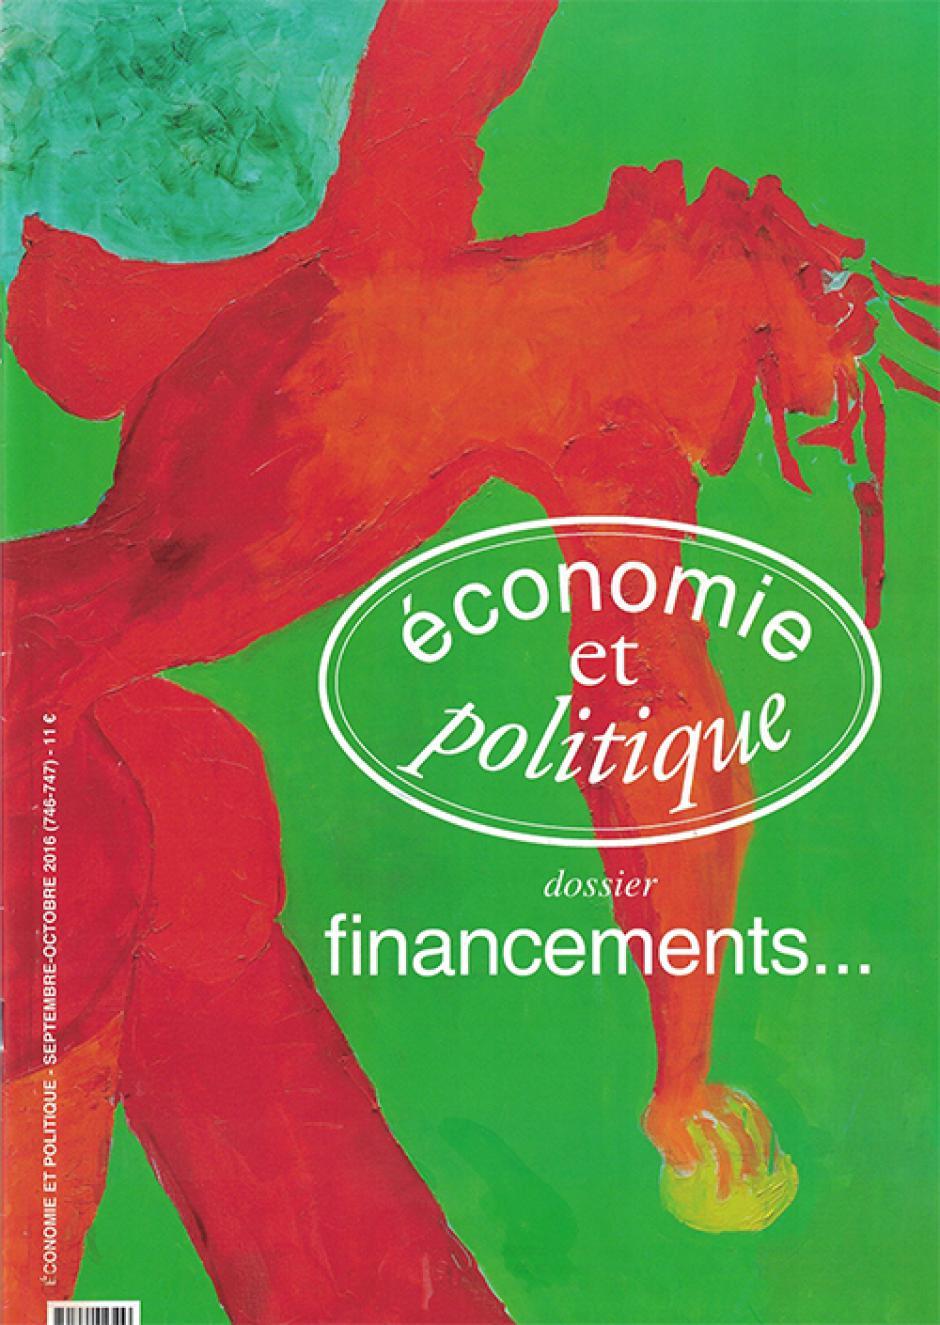 Economie et Politique n° 746-747 (Septembre-Octobre 2016)